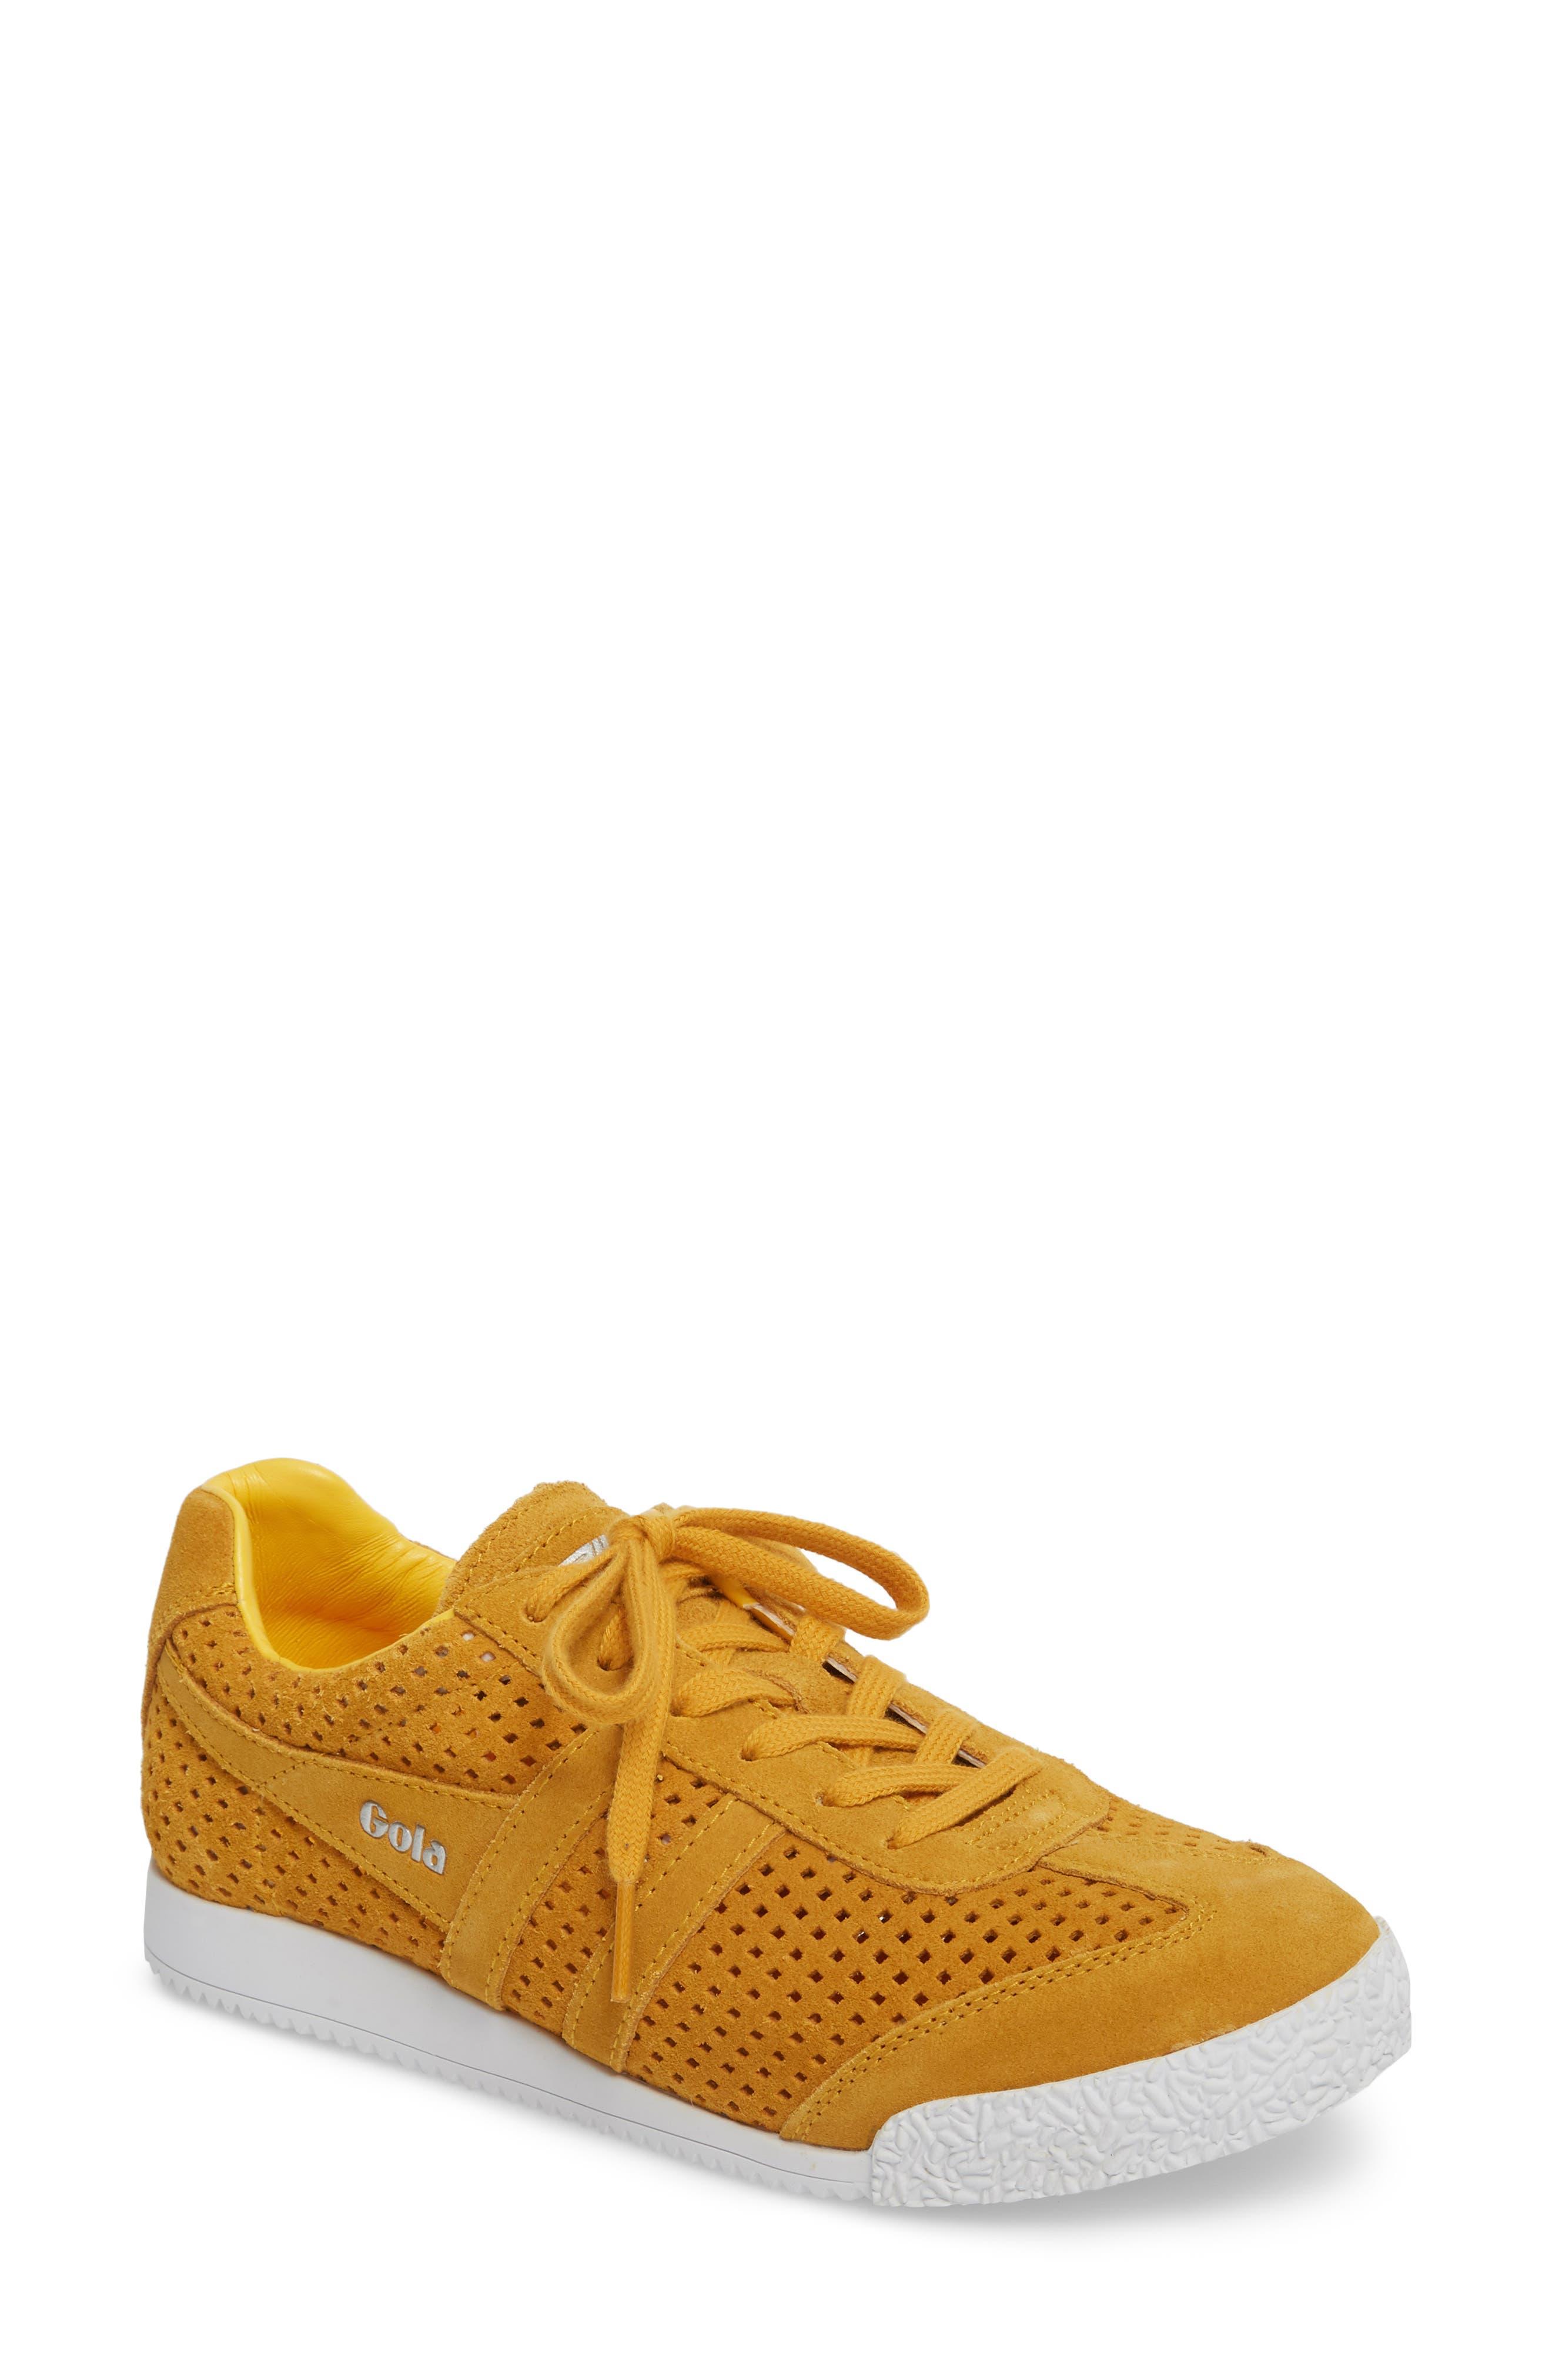 Gola Harrier Squared Low Top Sneaker (Women)